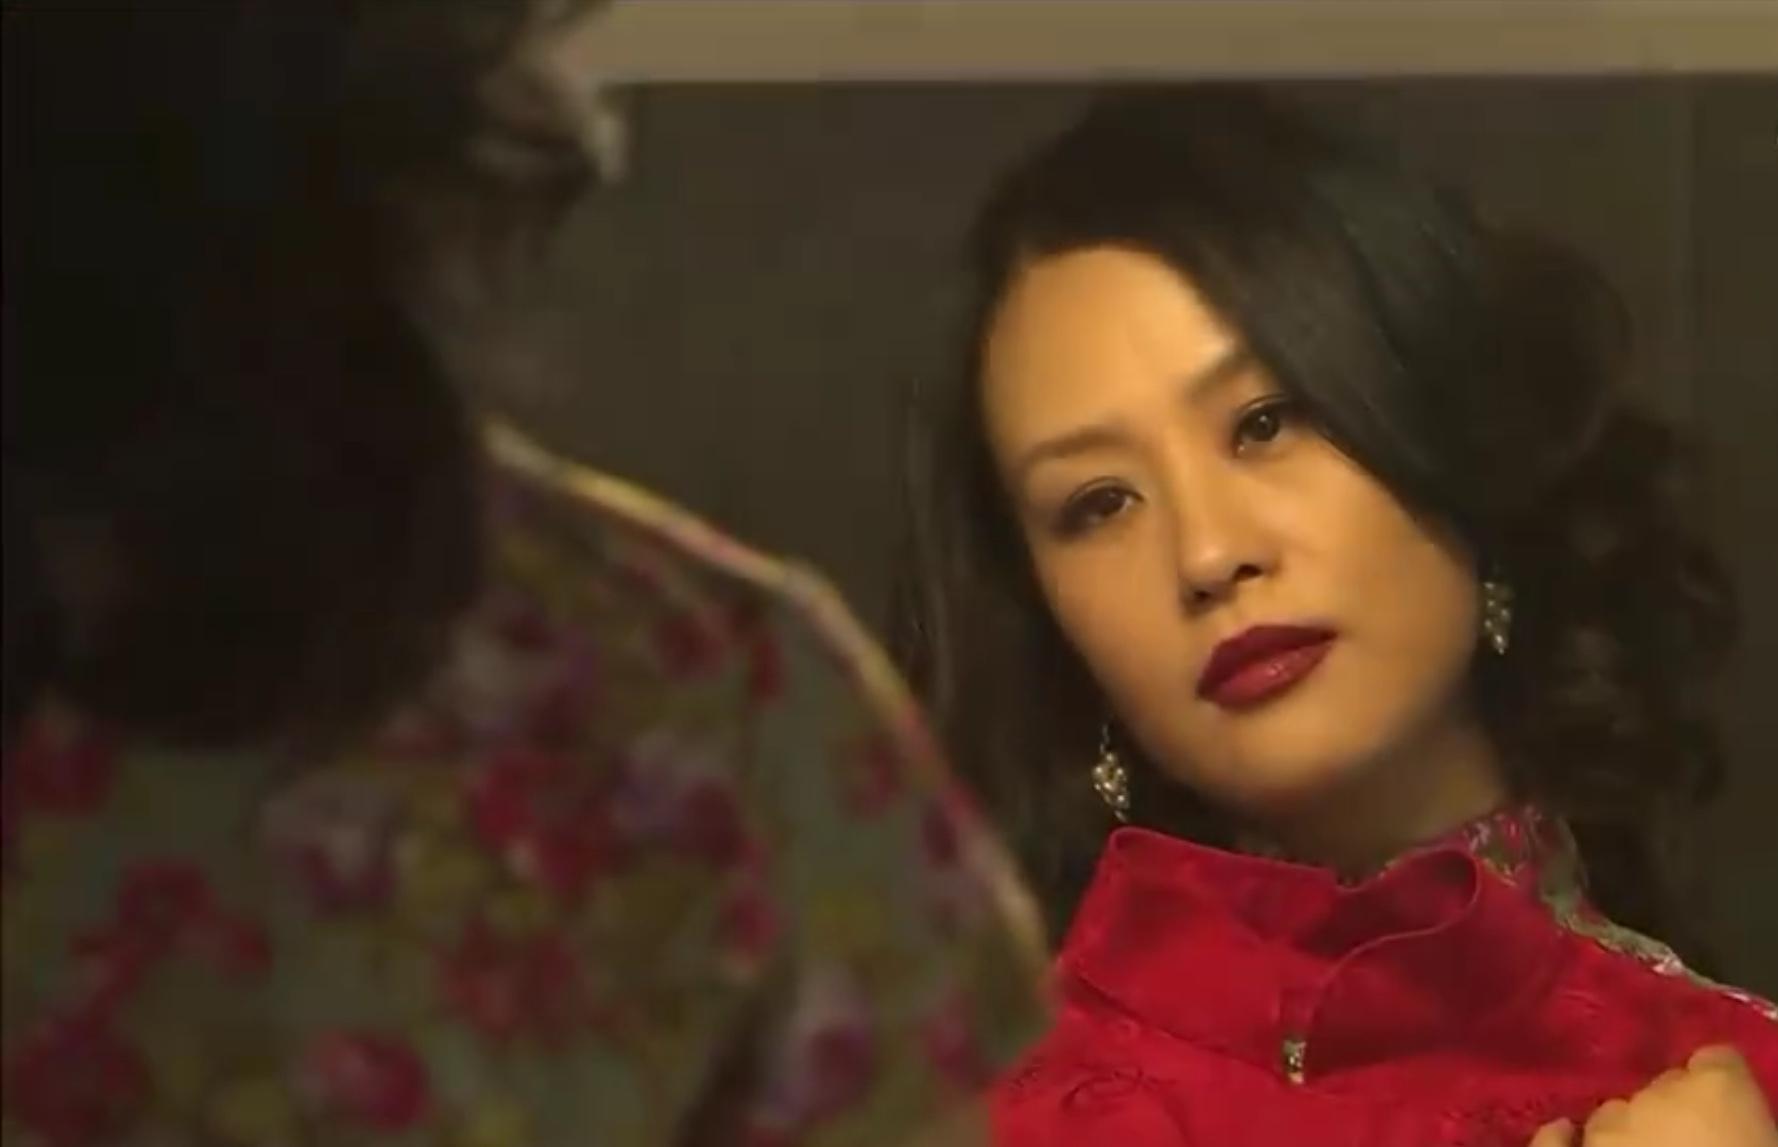 蒋雯丽邬君梅领衔《女人帮》演绎都市大龄剩女的情感纠葛